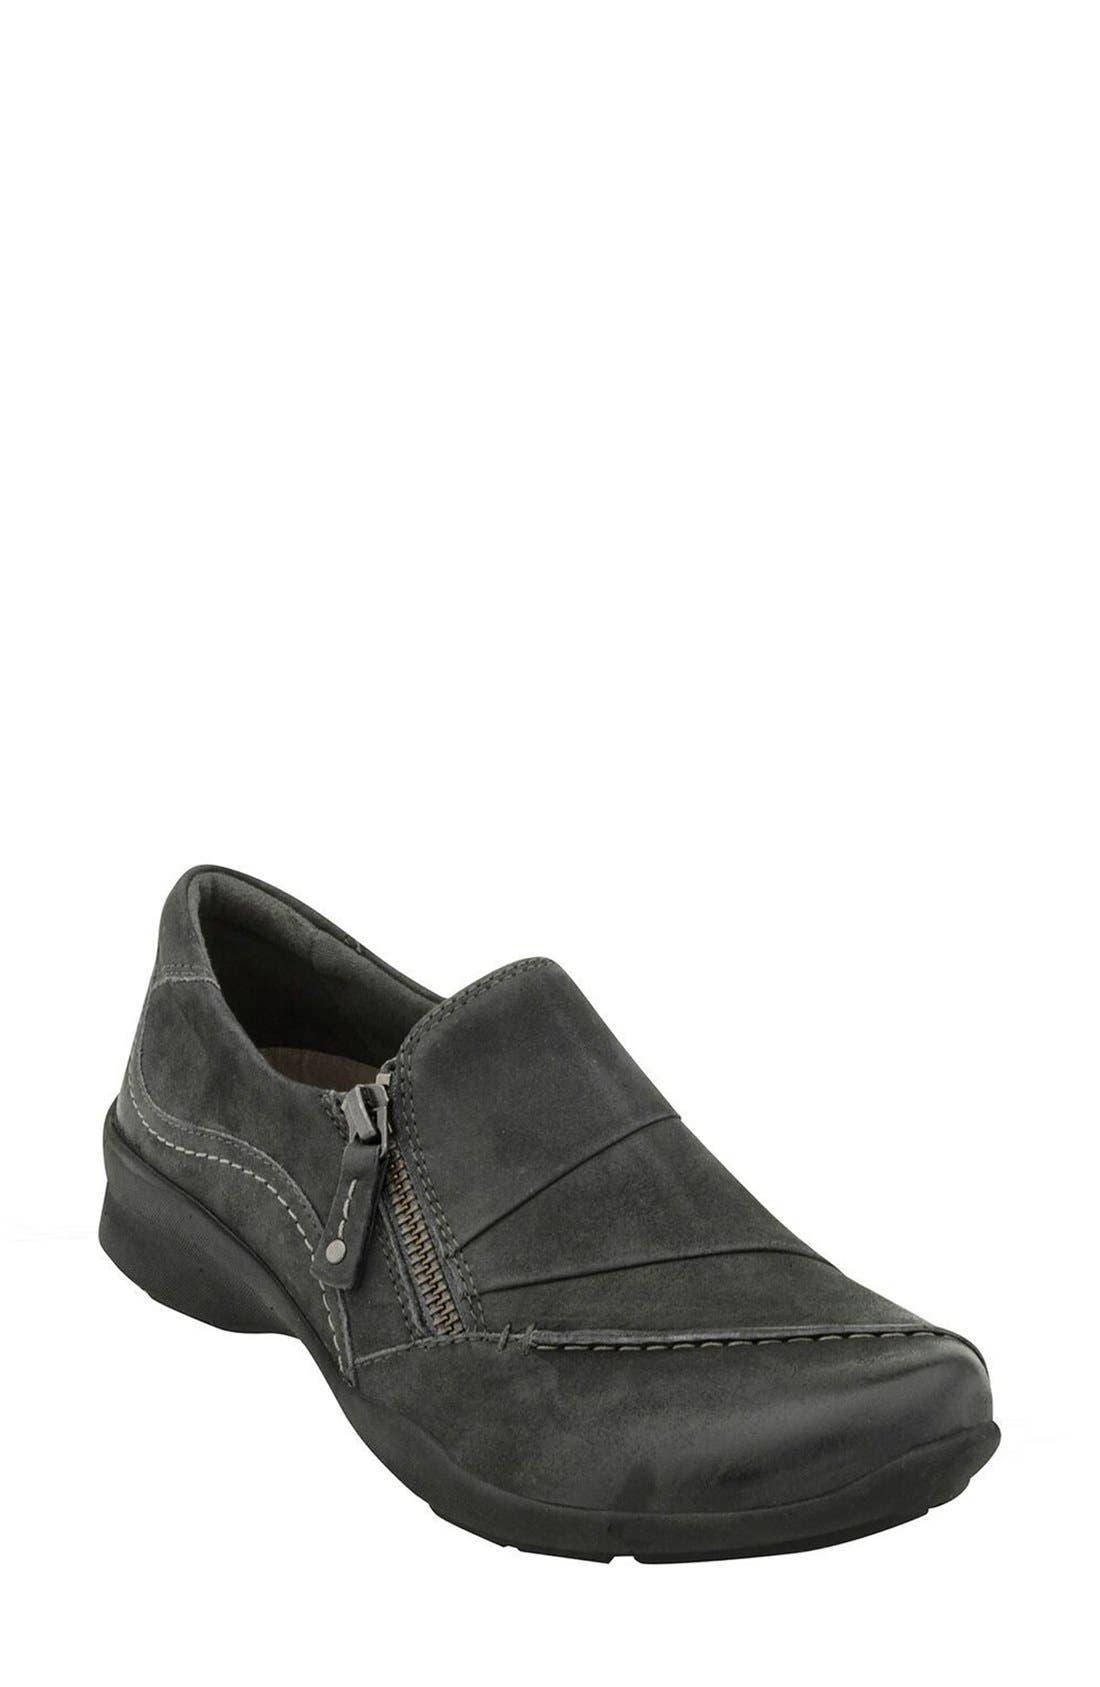 Main Image - Earth® 'Anise' Slip-On Sneaker (Women)